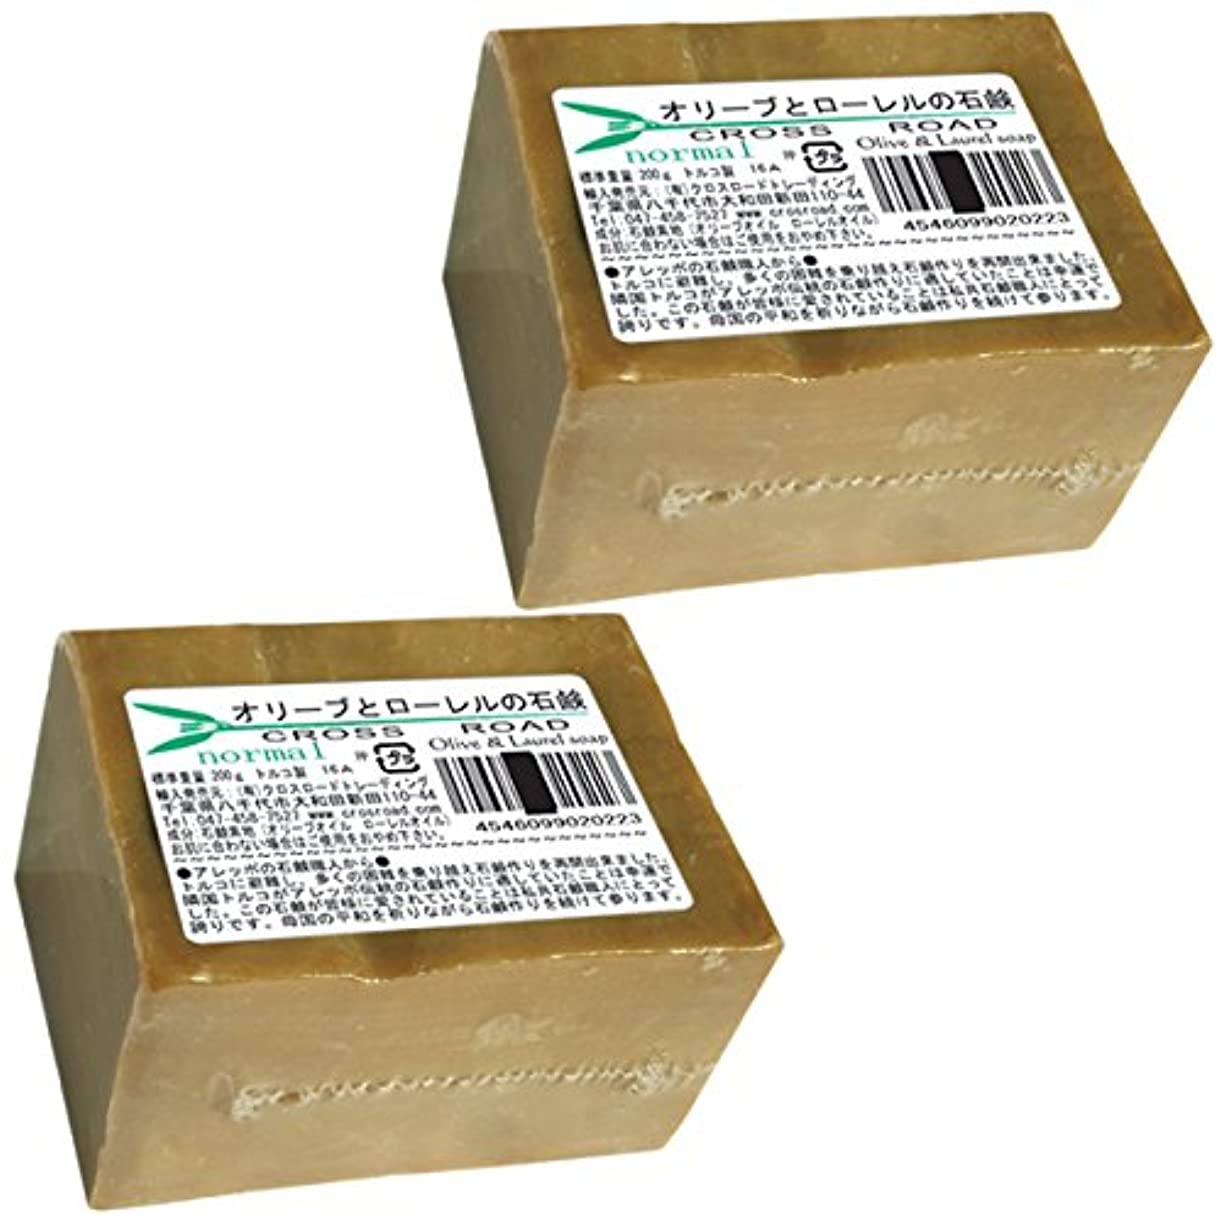 提出する旧正月熱心オリーブとローレルの石鹸(ノーマル)2個セット[並行輸入品]